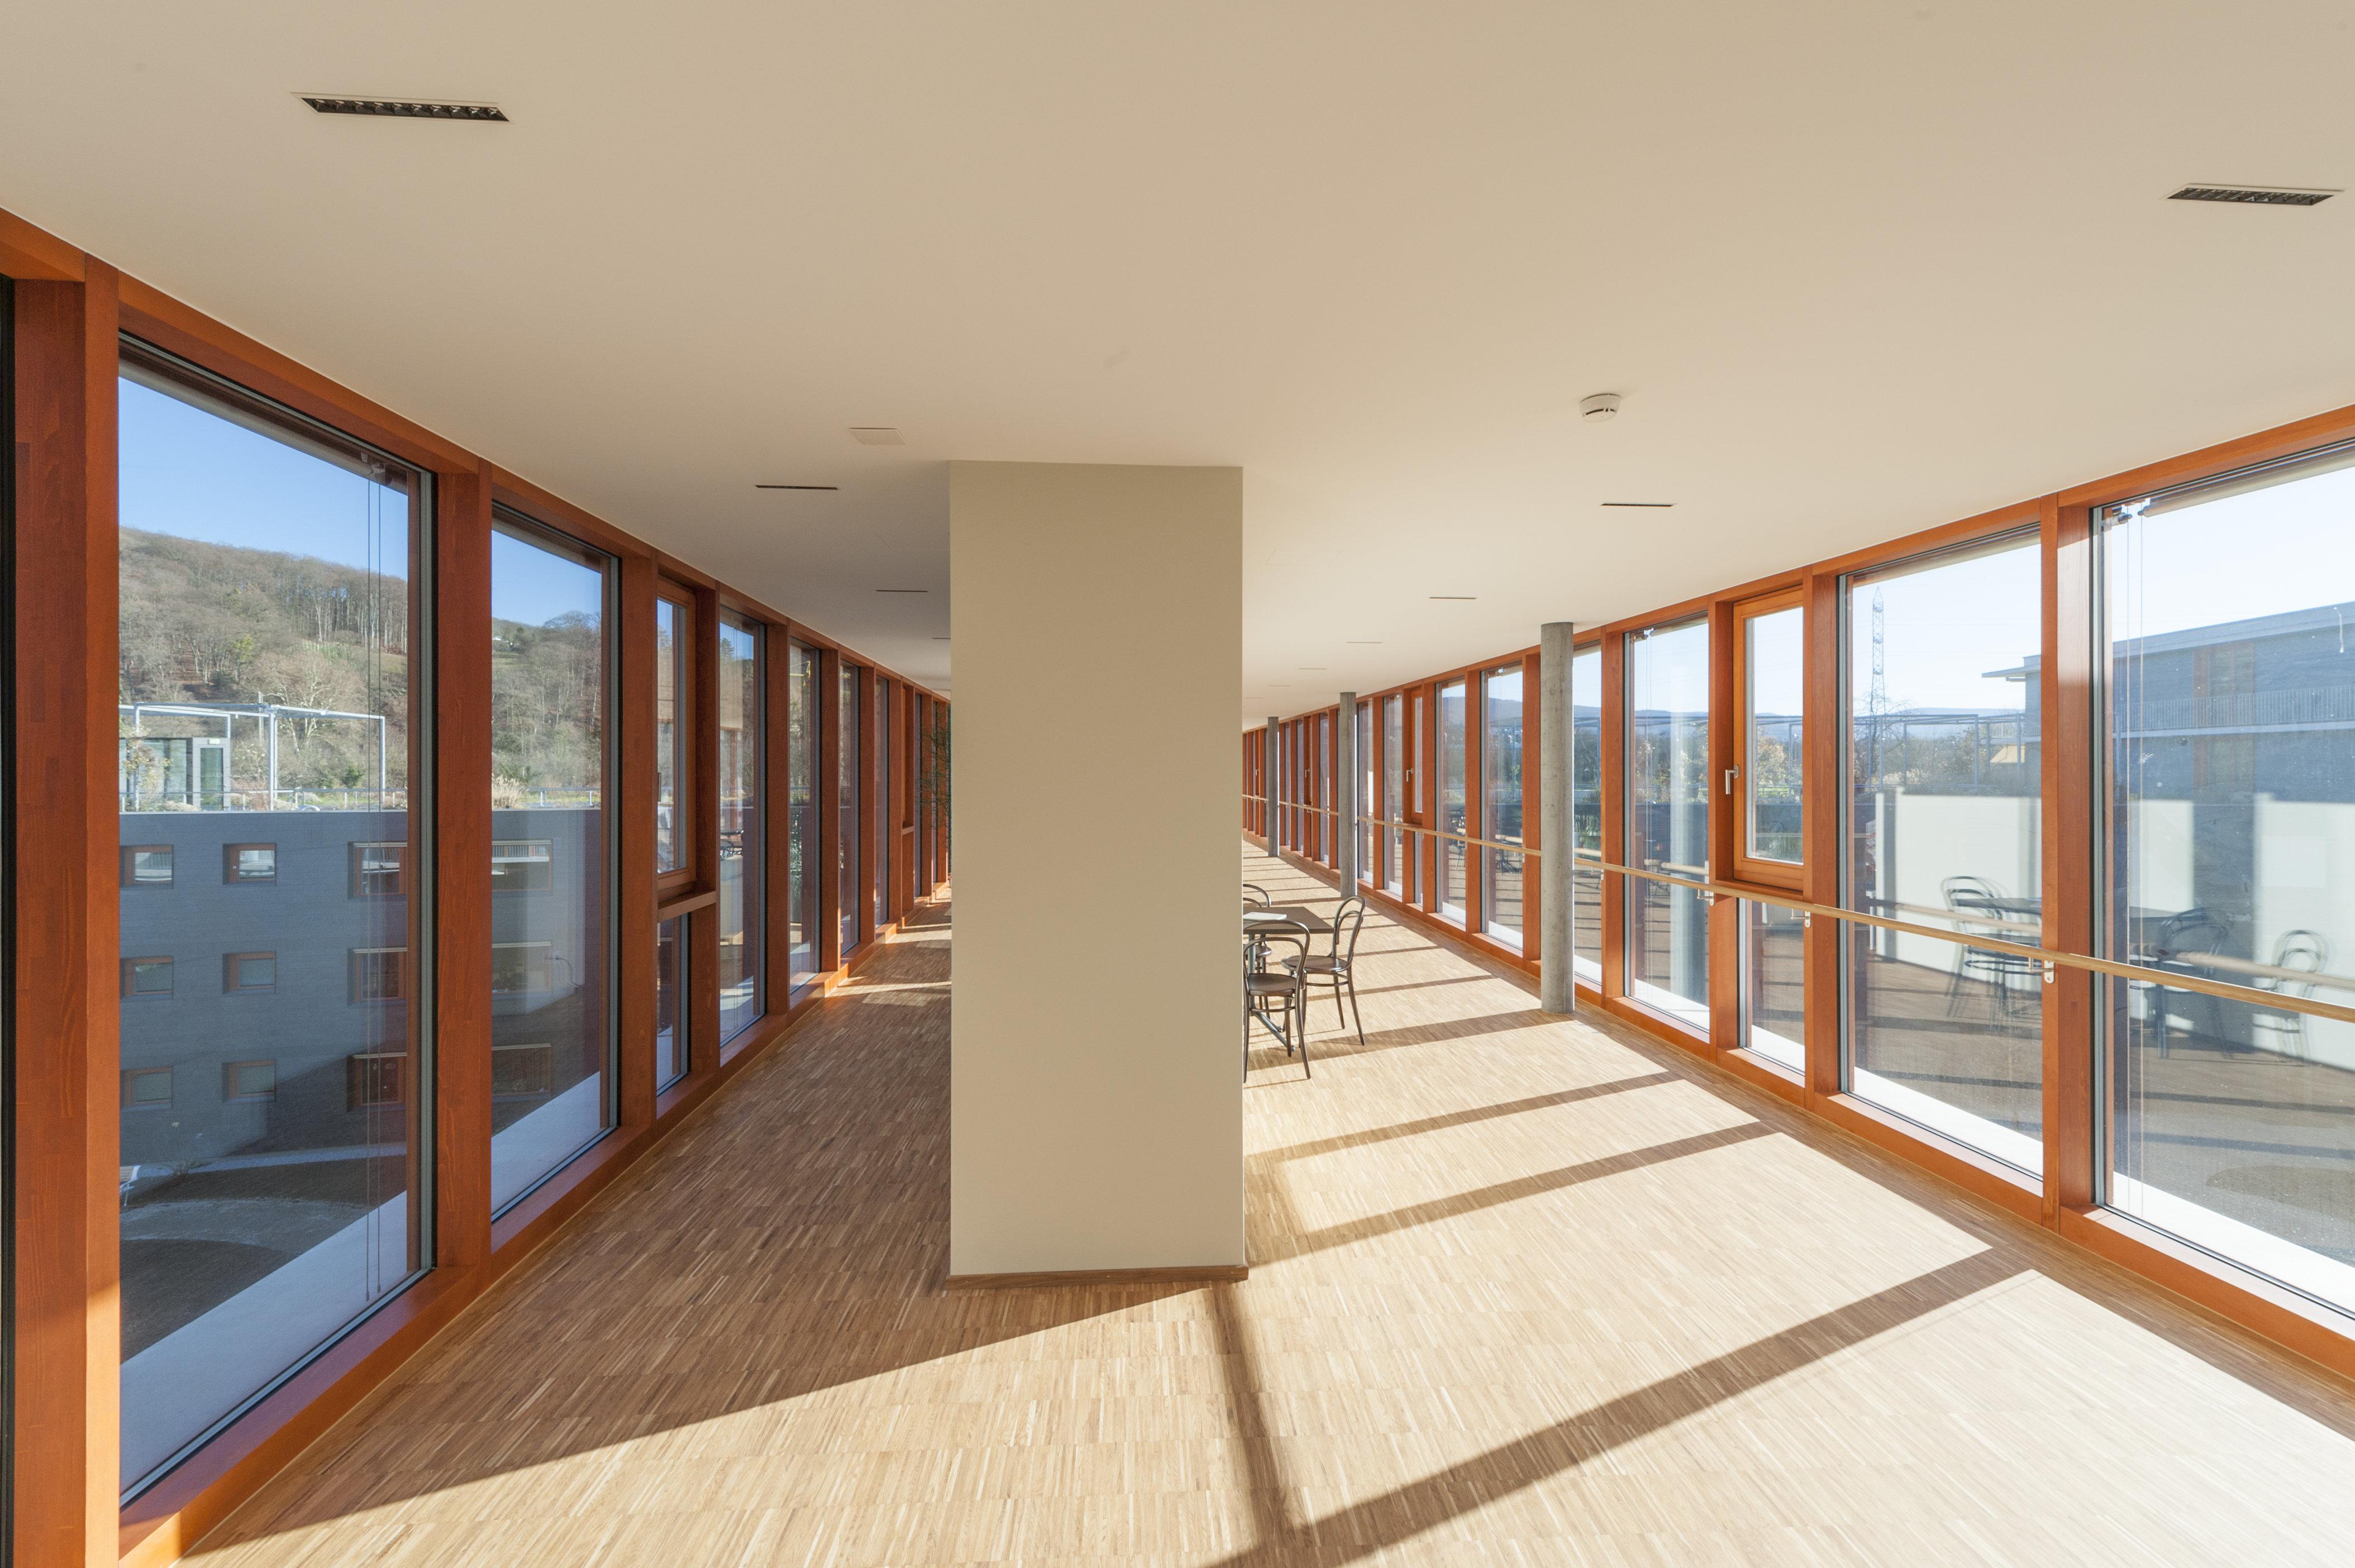 Lichtdurchflutete Fensterfront mit Naturholzfenster im Pfosten-Riegelelement